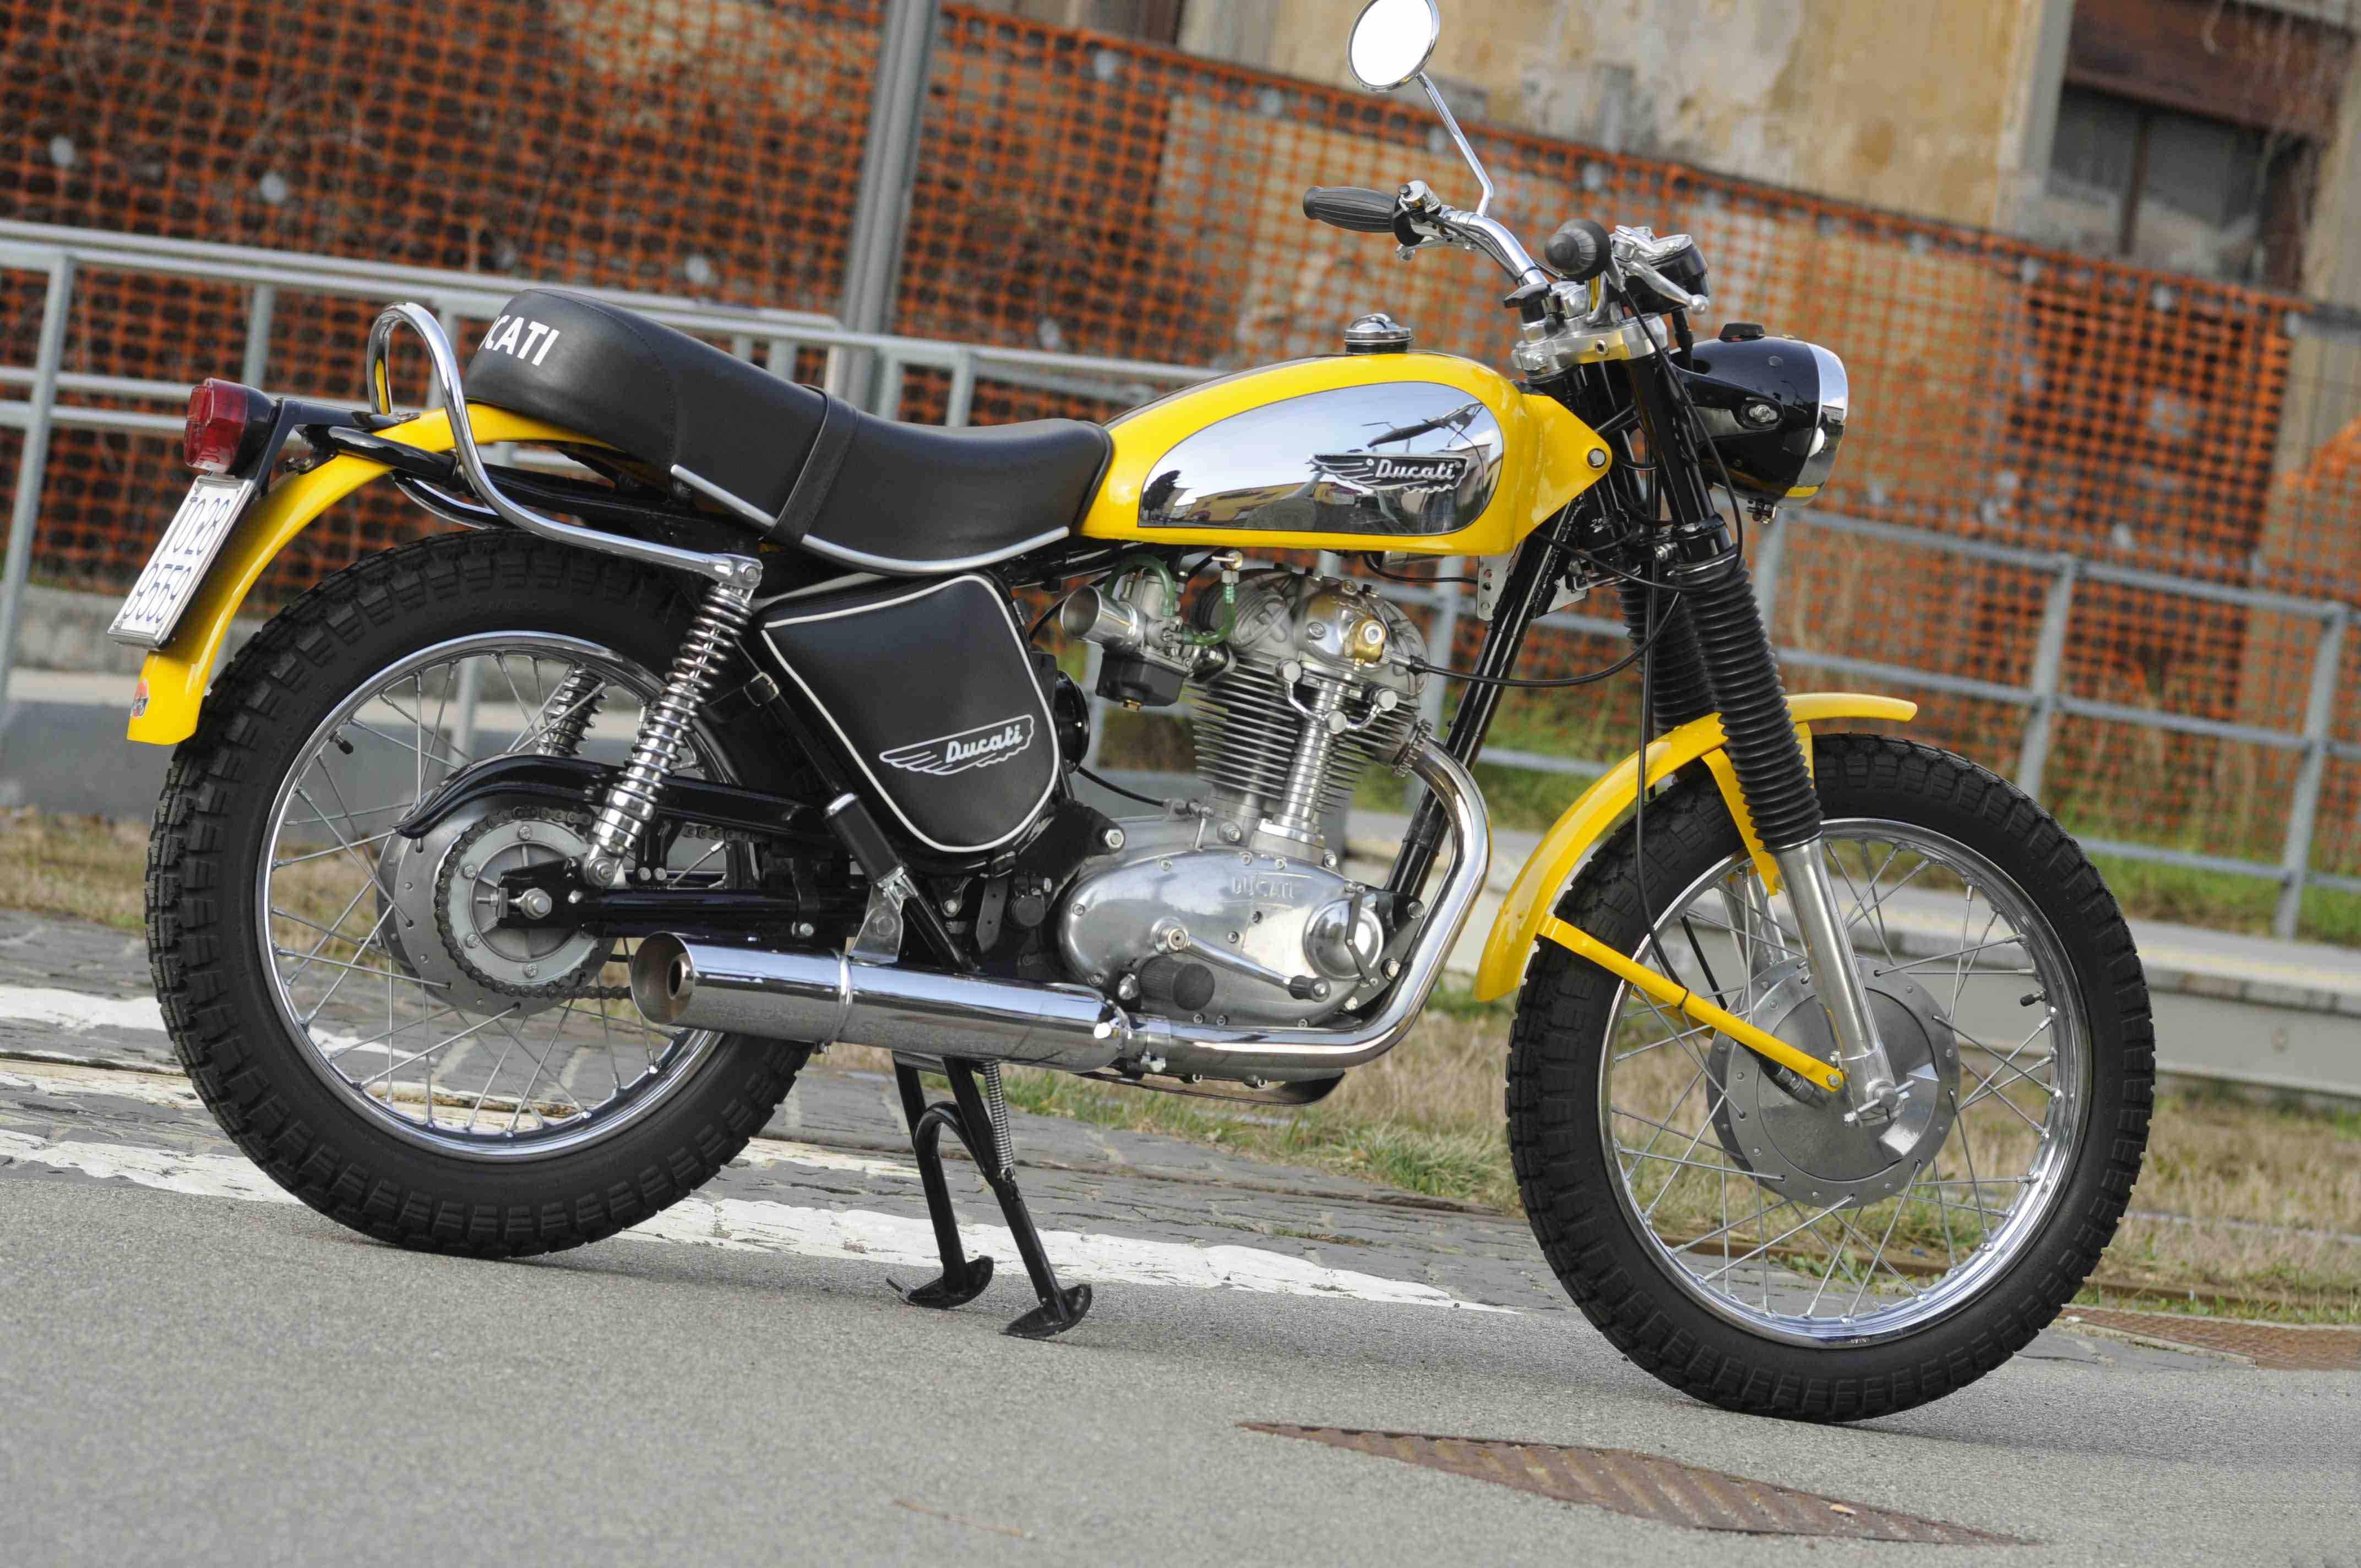 Moto Depoca Ducati Scrambler Un Successo Anche 40 Anni Fa